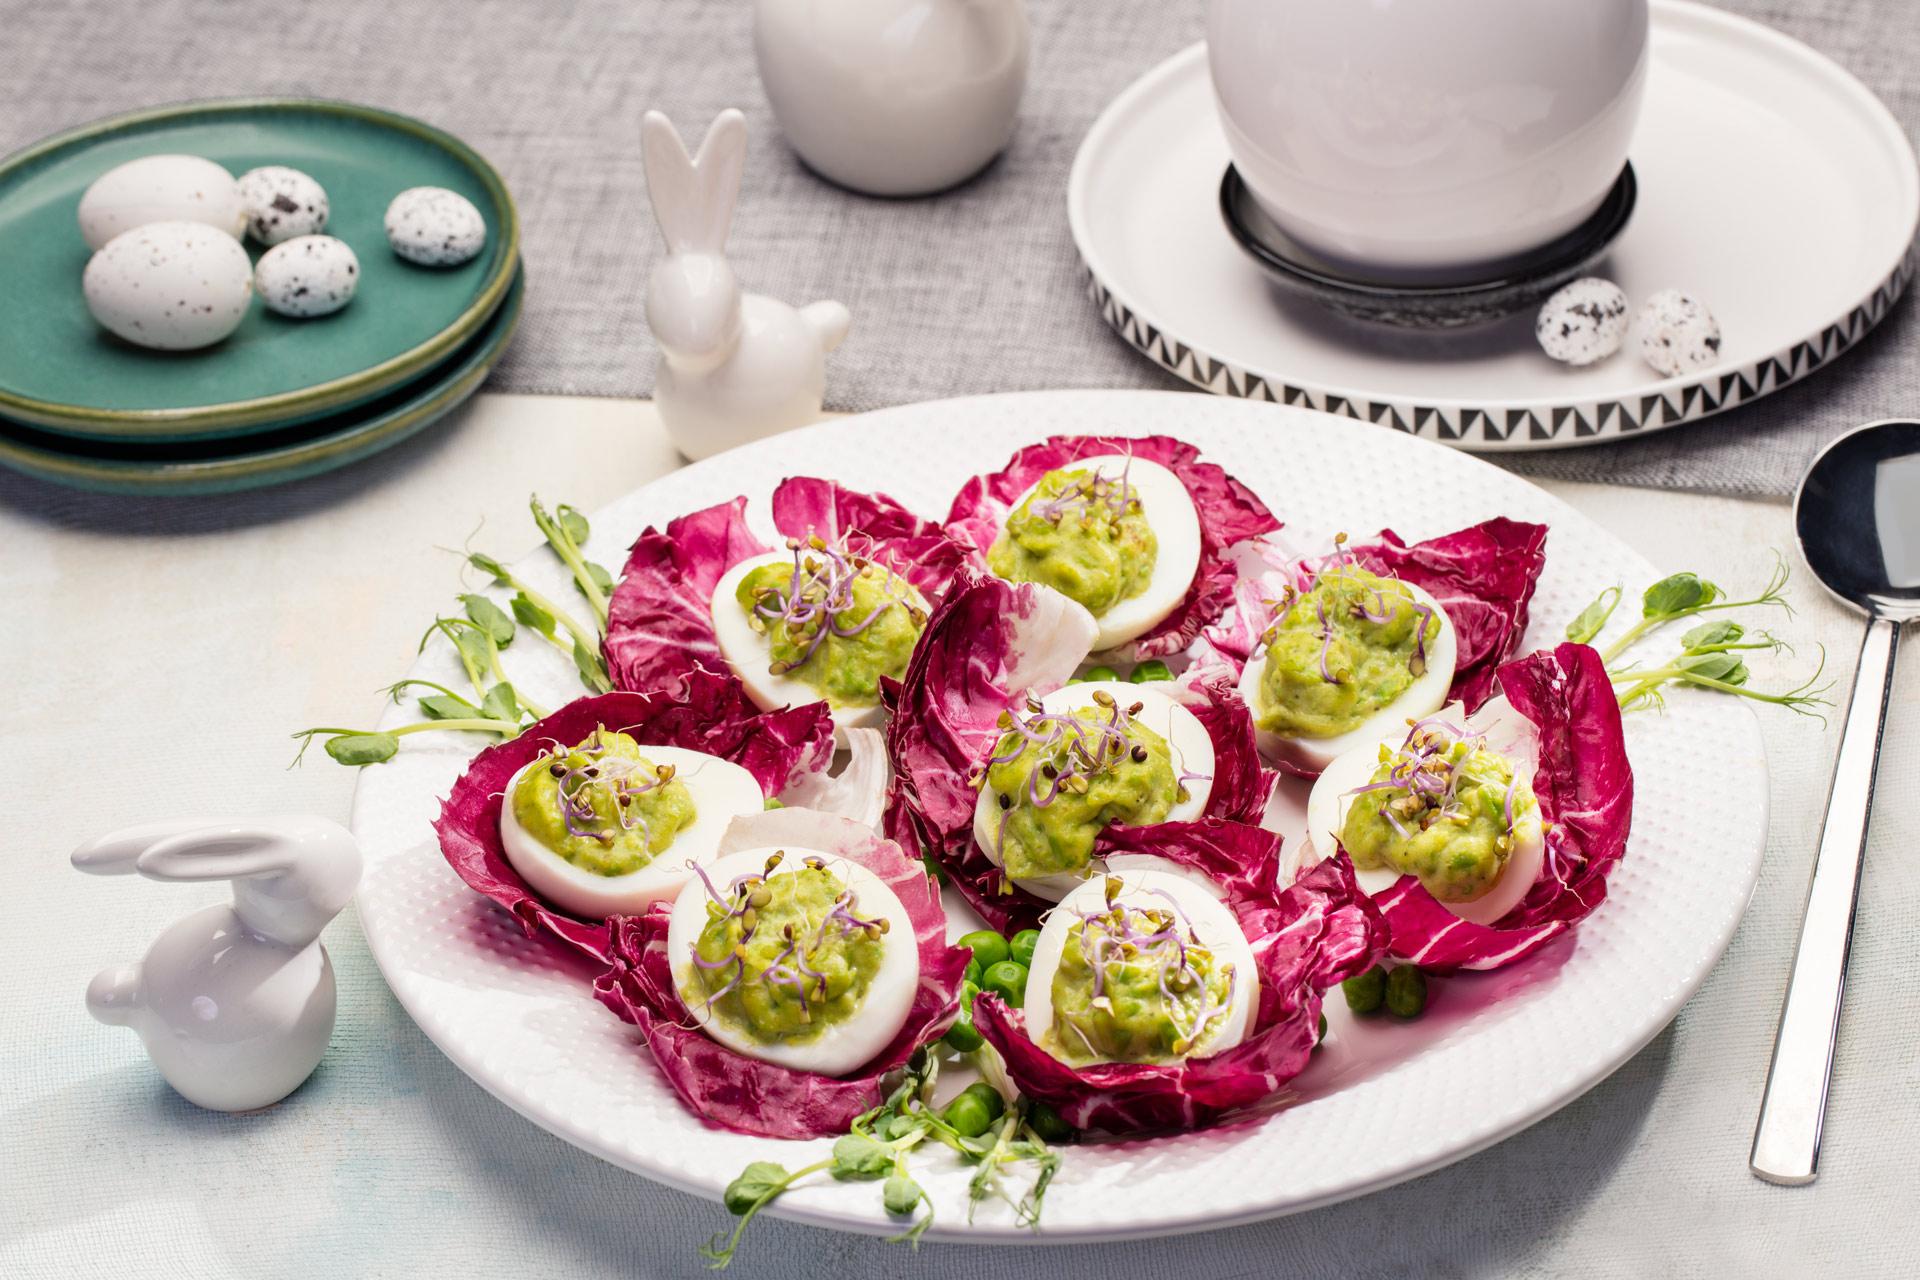 Jajka faszerowane pastą groszkowo-majonezową